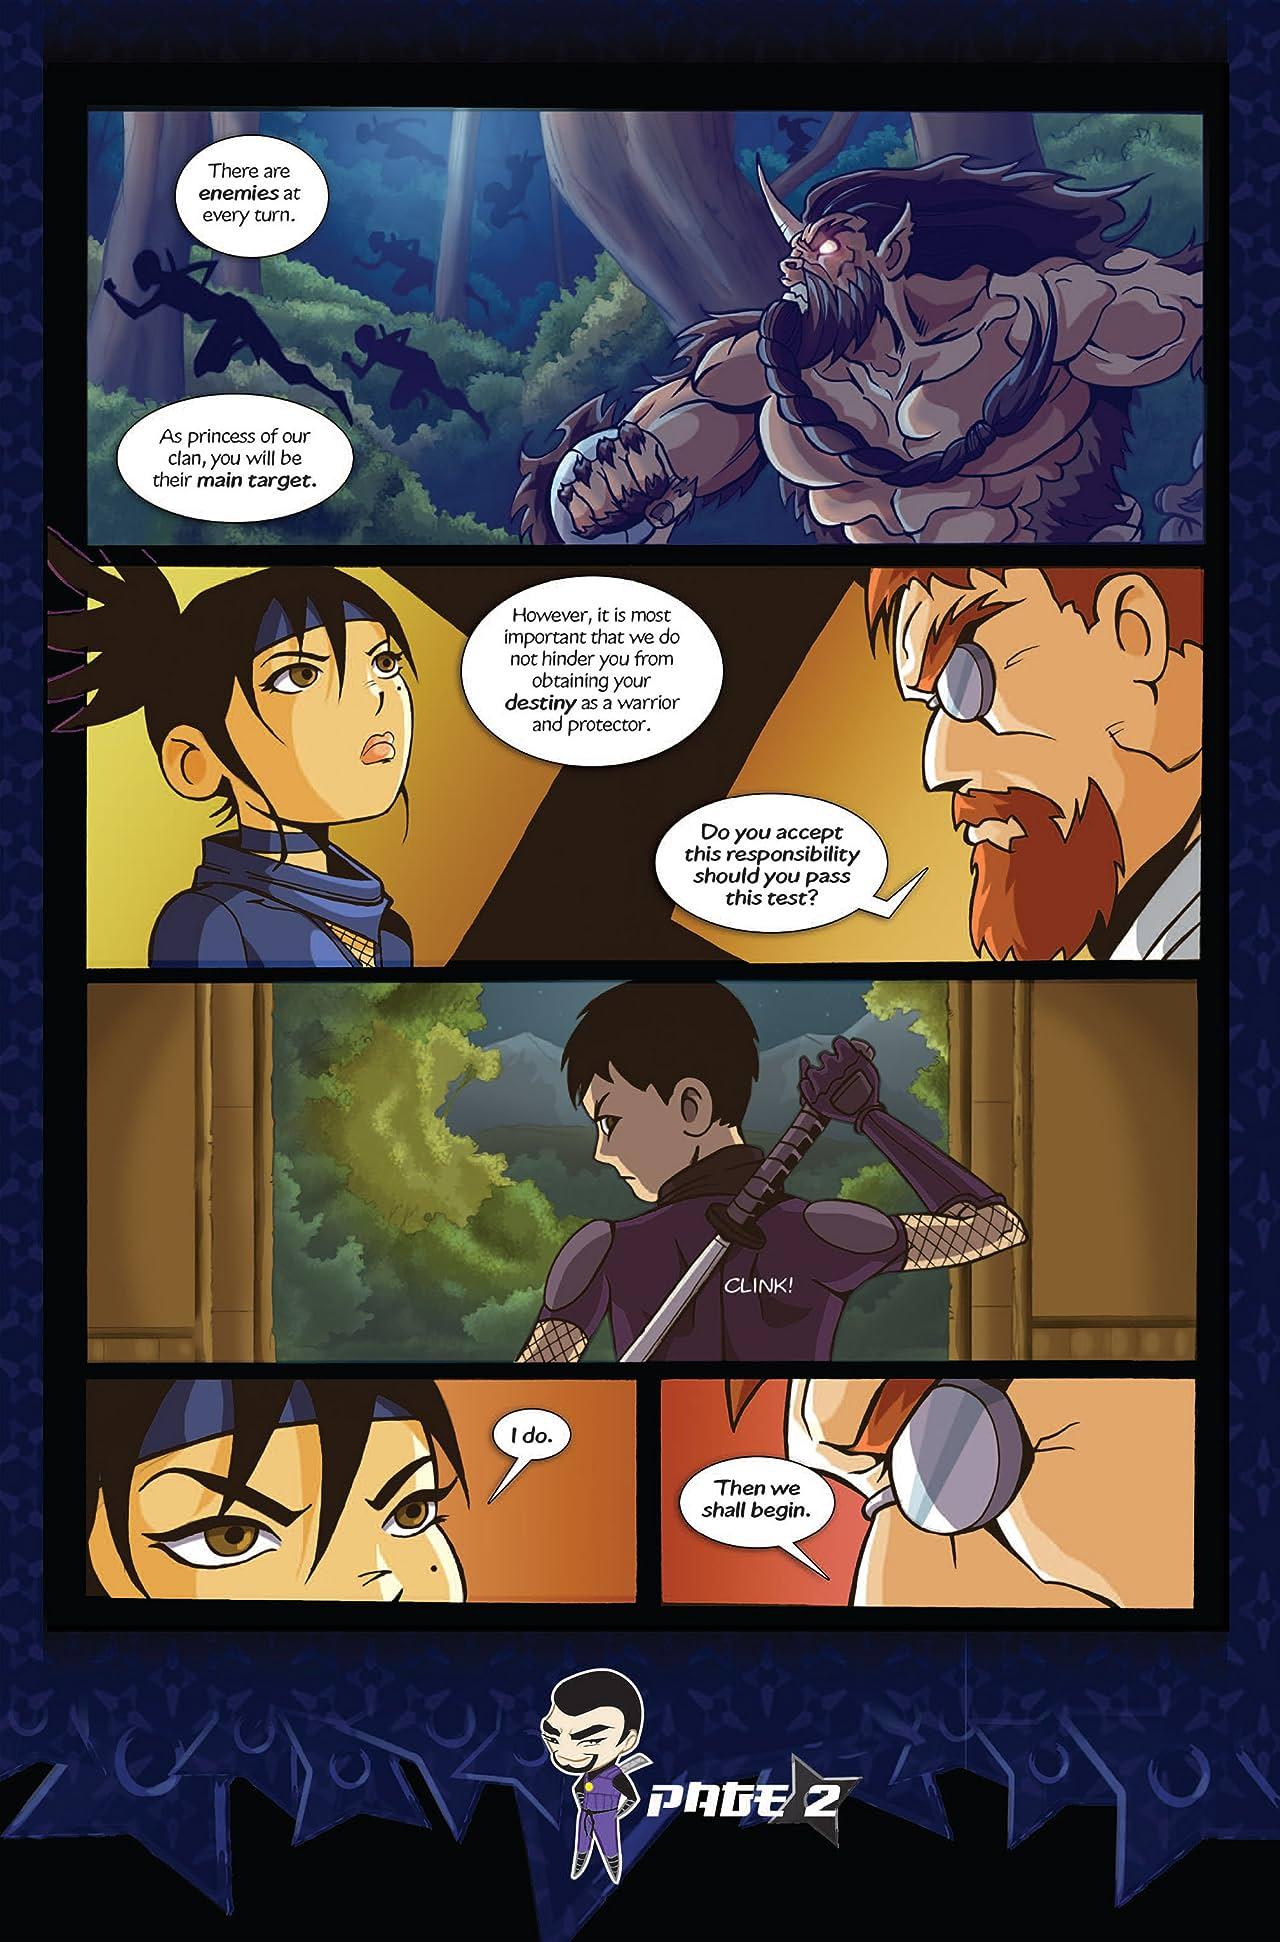 Shinobi: Ninja Princess #5